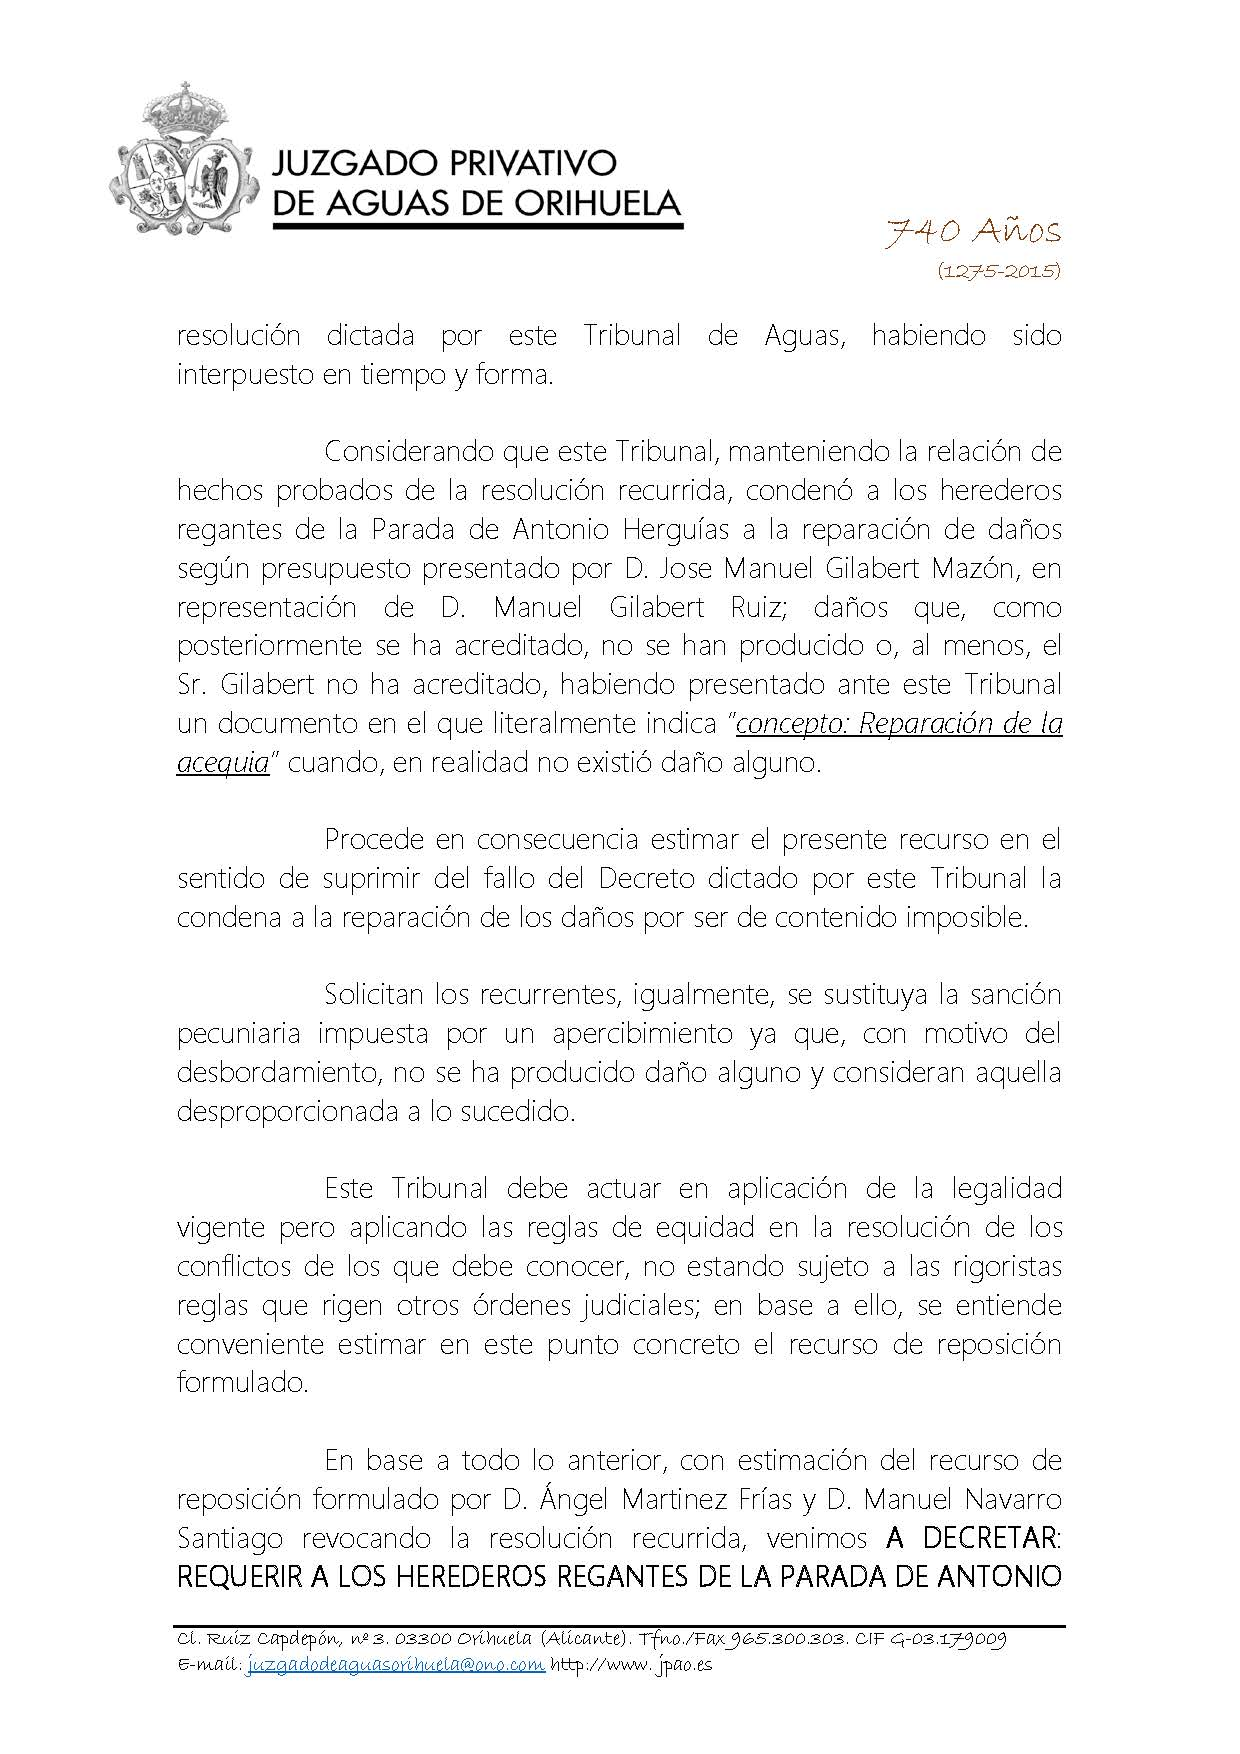 90 2015 arroba de san bartolome. estimacion recurso de reposicion_Página_3